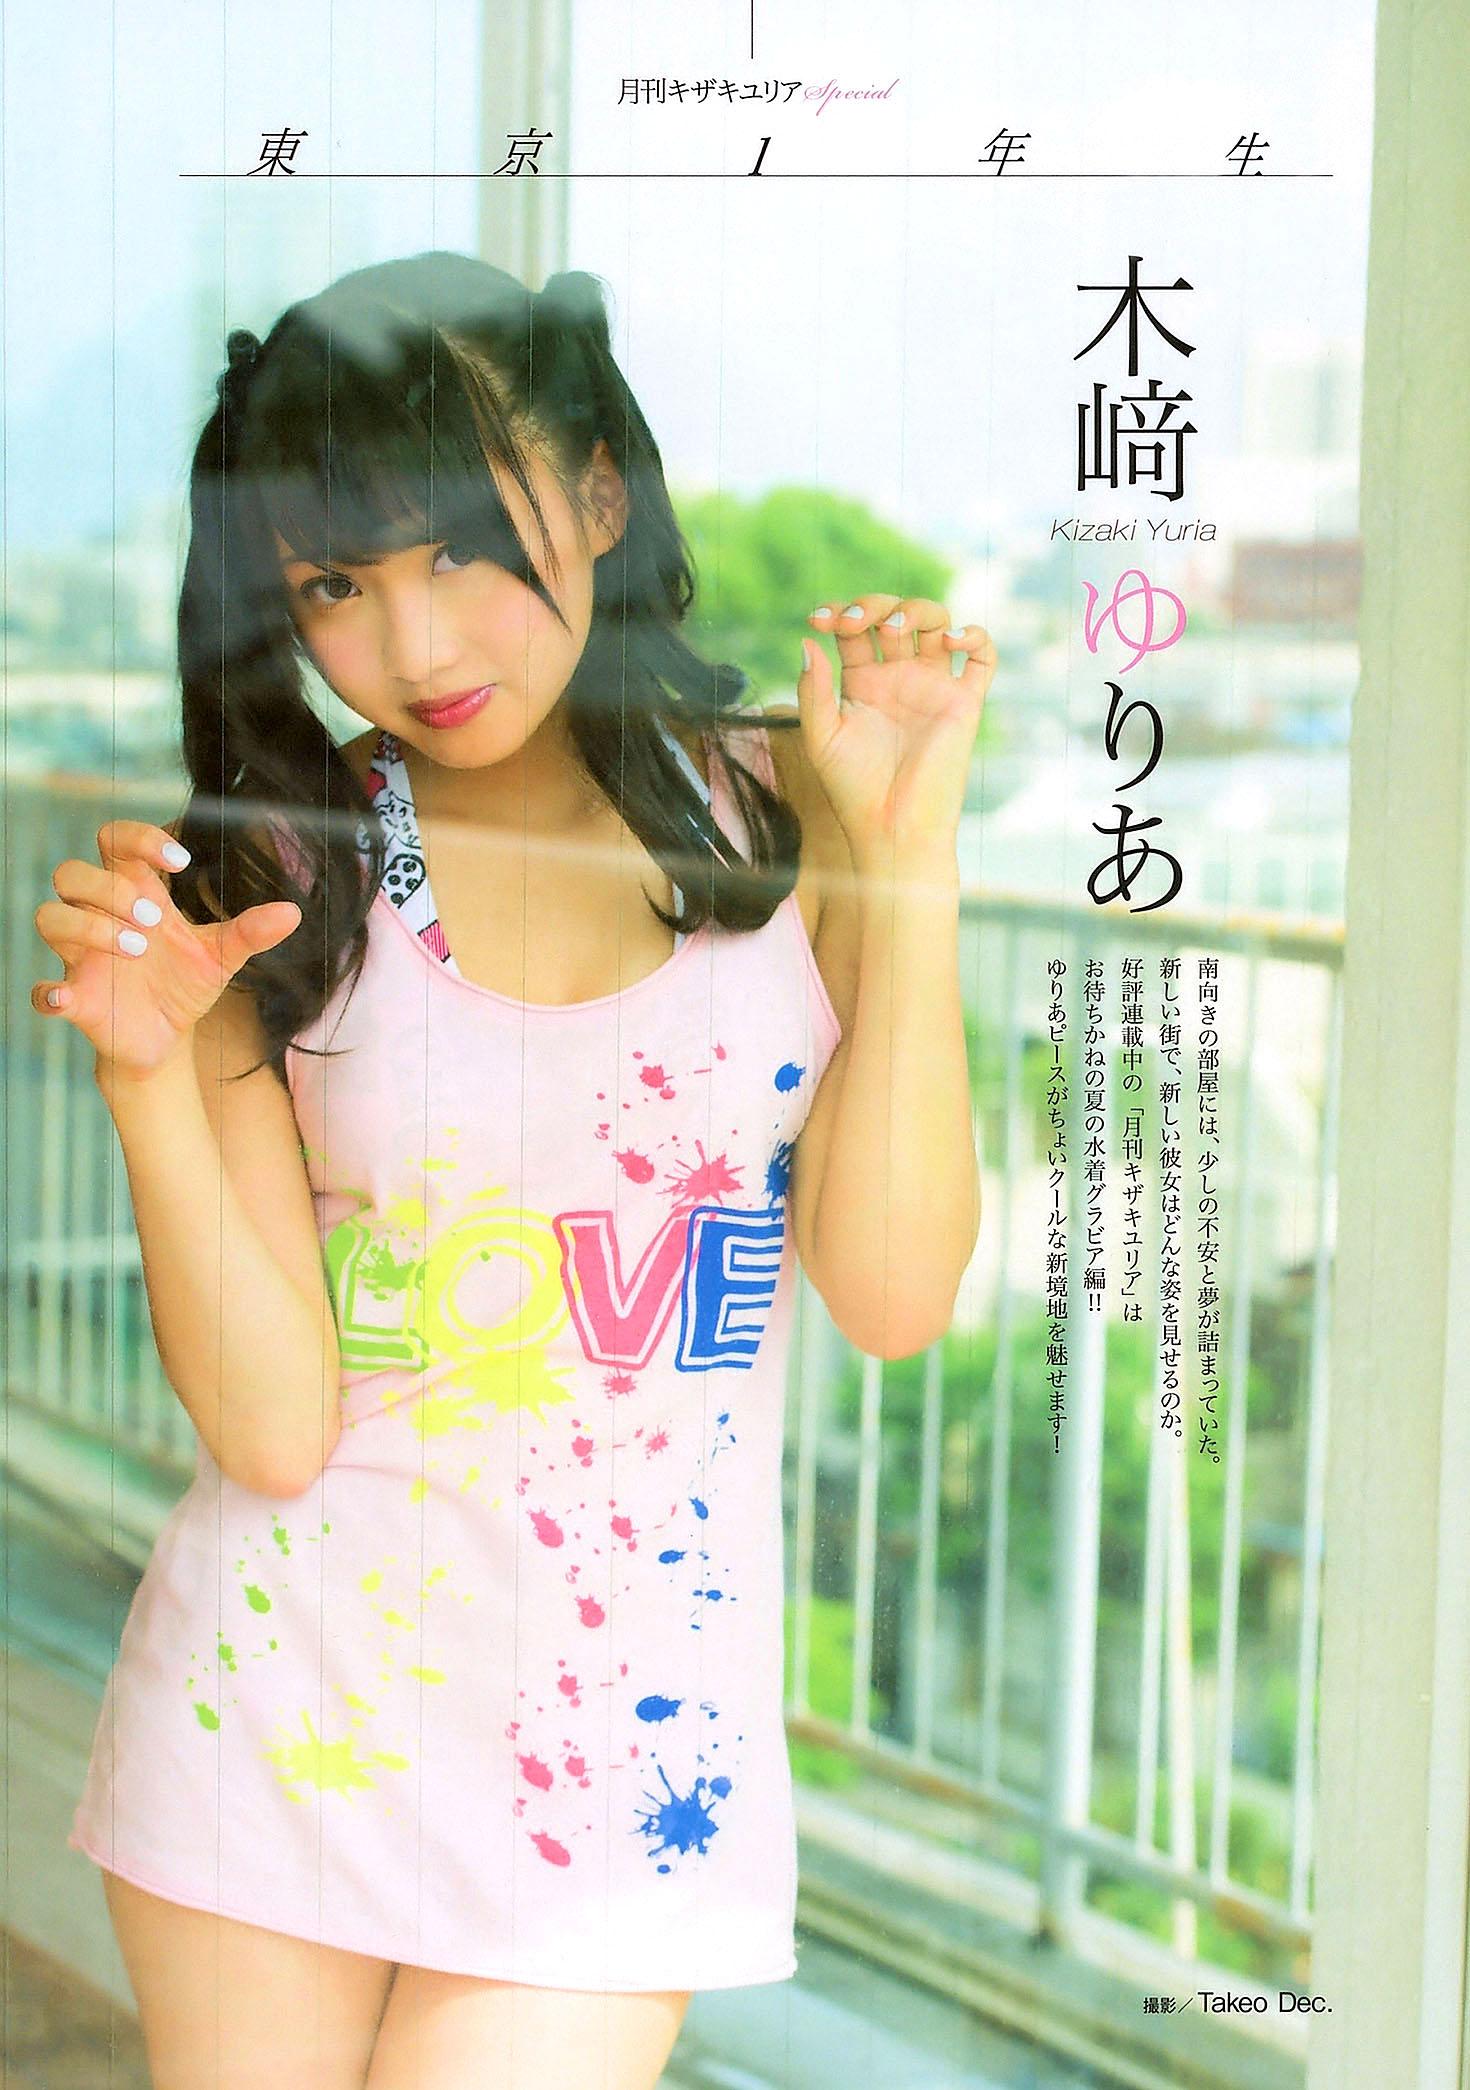 YKizaki EnTame 1409 02.jpg